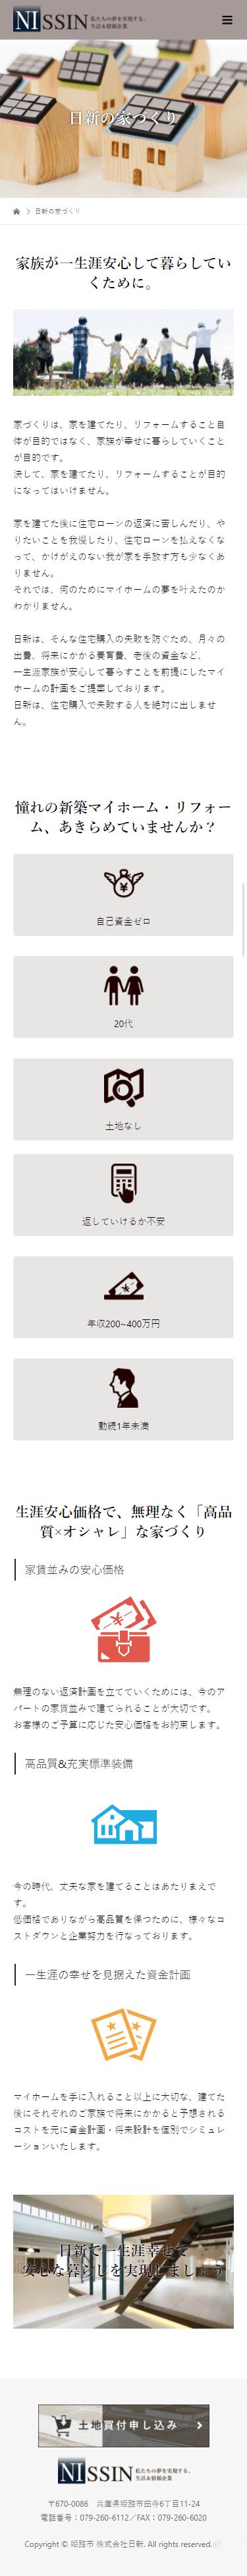 姫路市 株式会社日新 ホームページ制作4